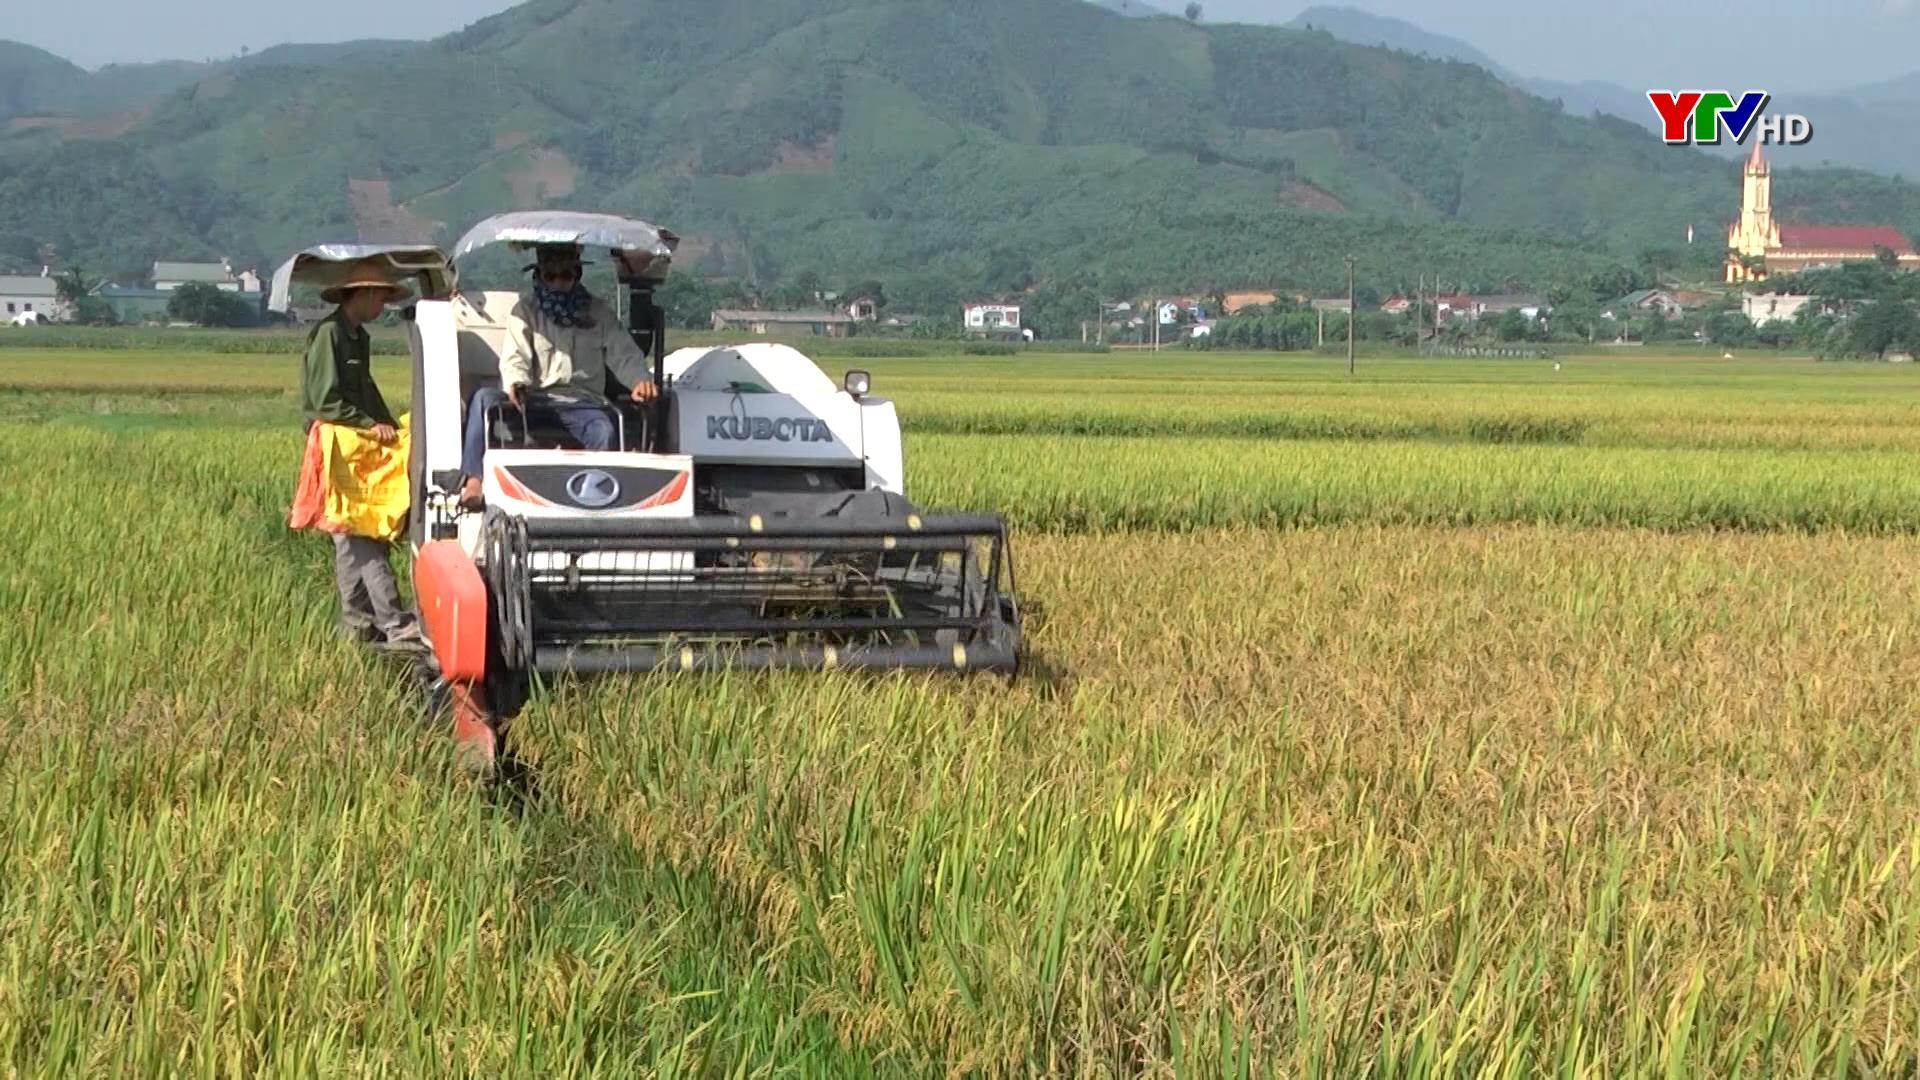 Văn Yên phấn đấu có 5 xã đạt chuẩn nông thôn mới trong năm 2021